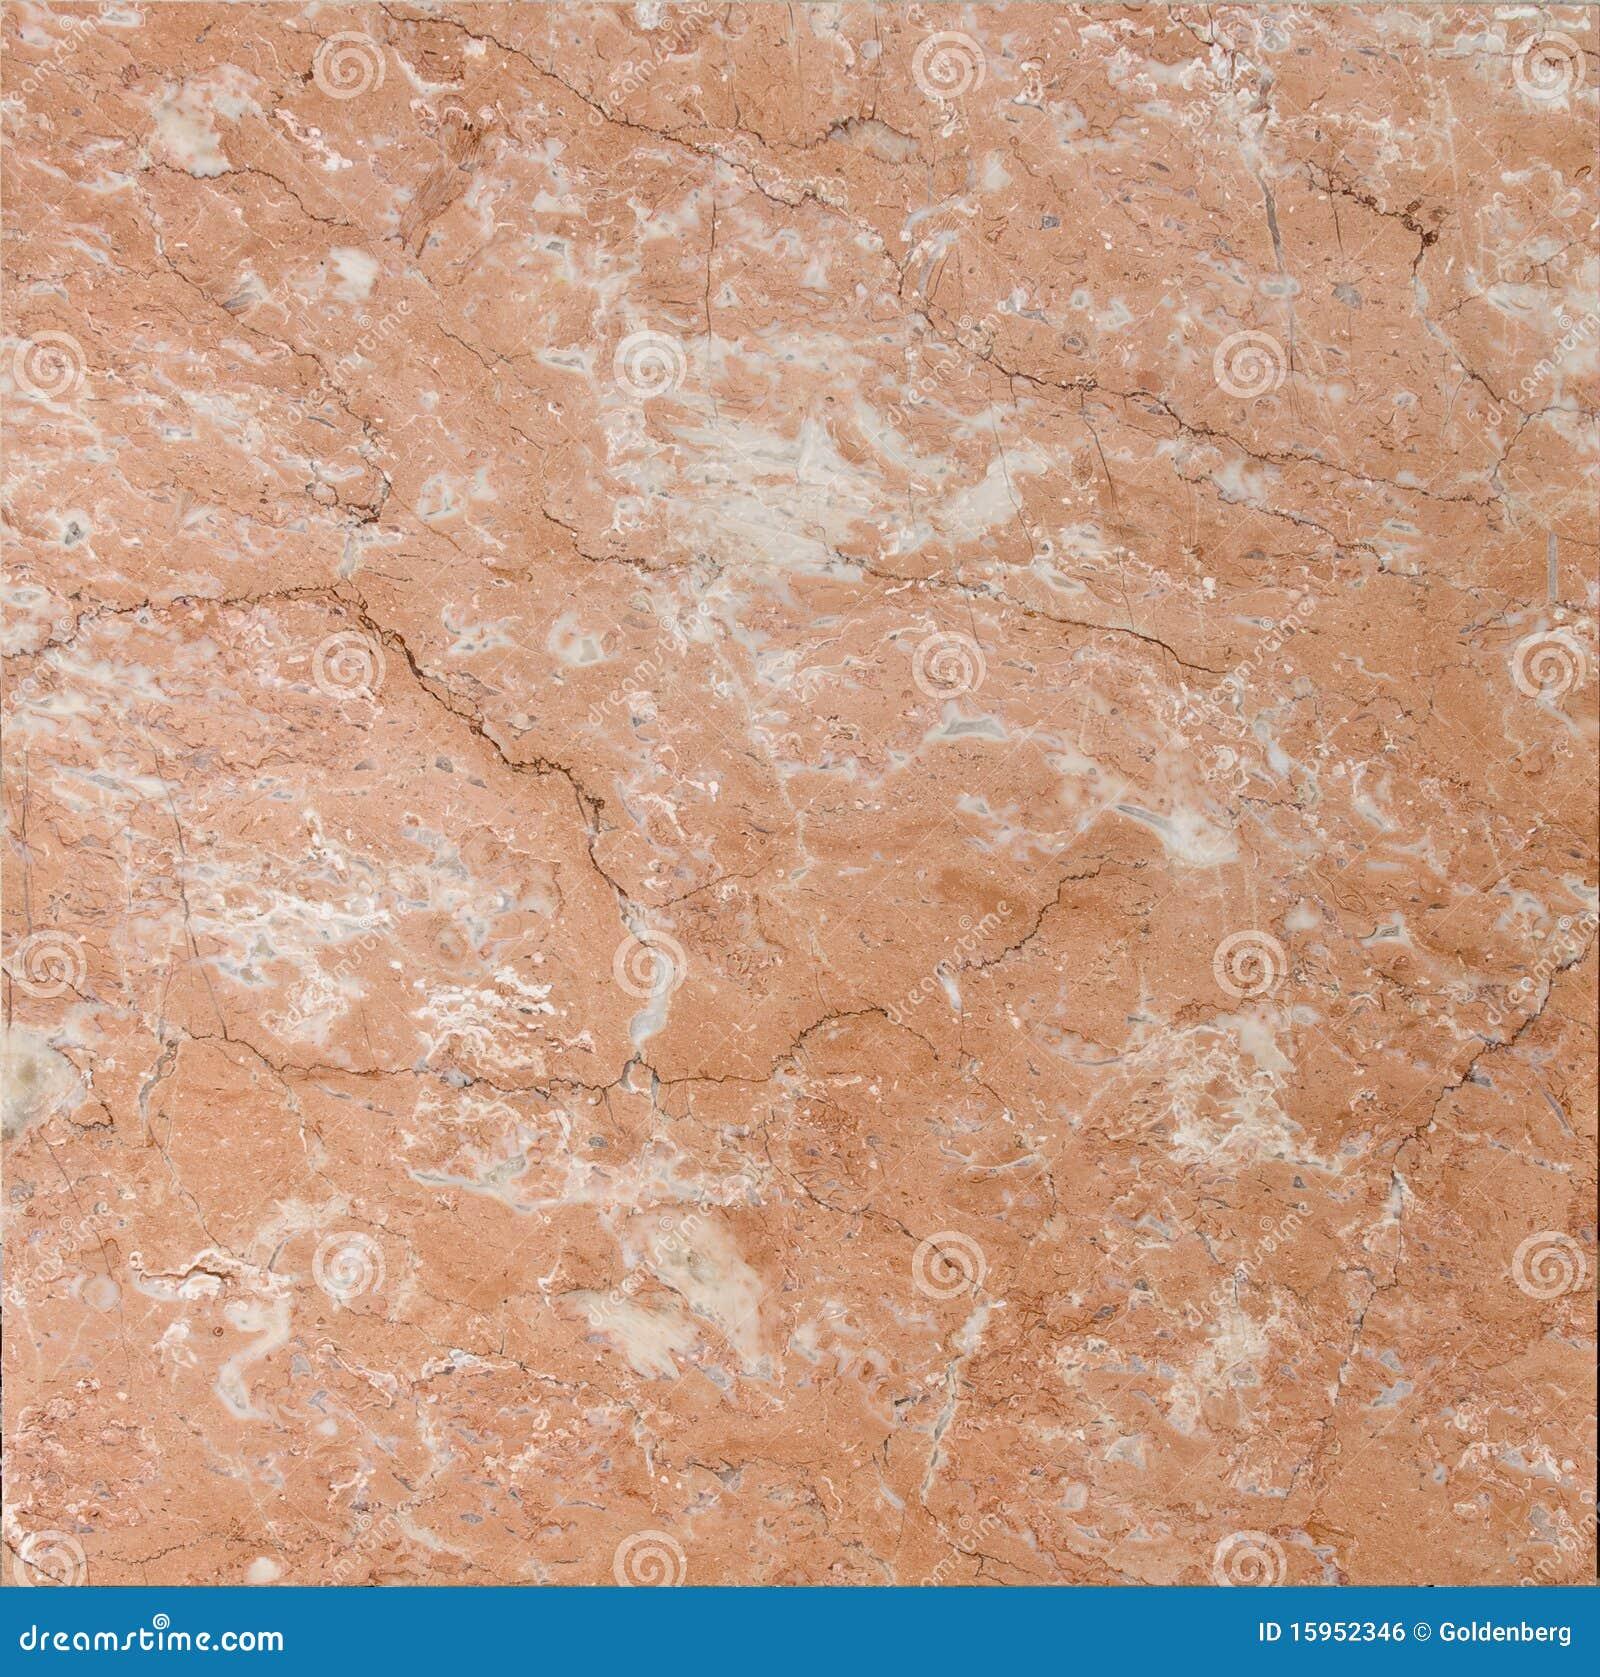 M rmol textured rojo de color salm n imagen de archivo for Marmol translucido de colores vivos